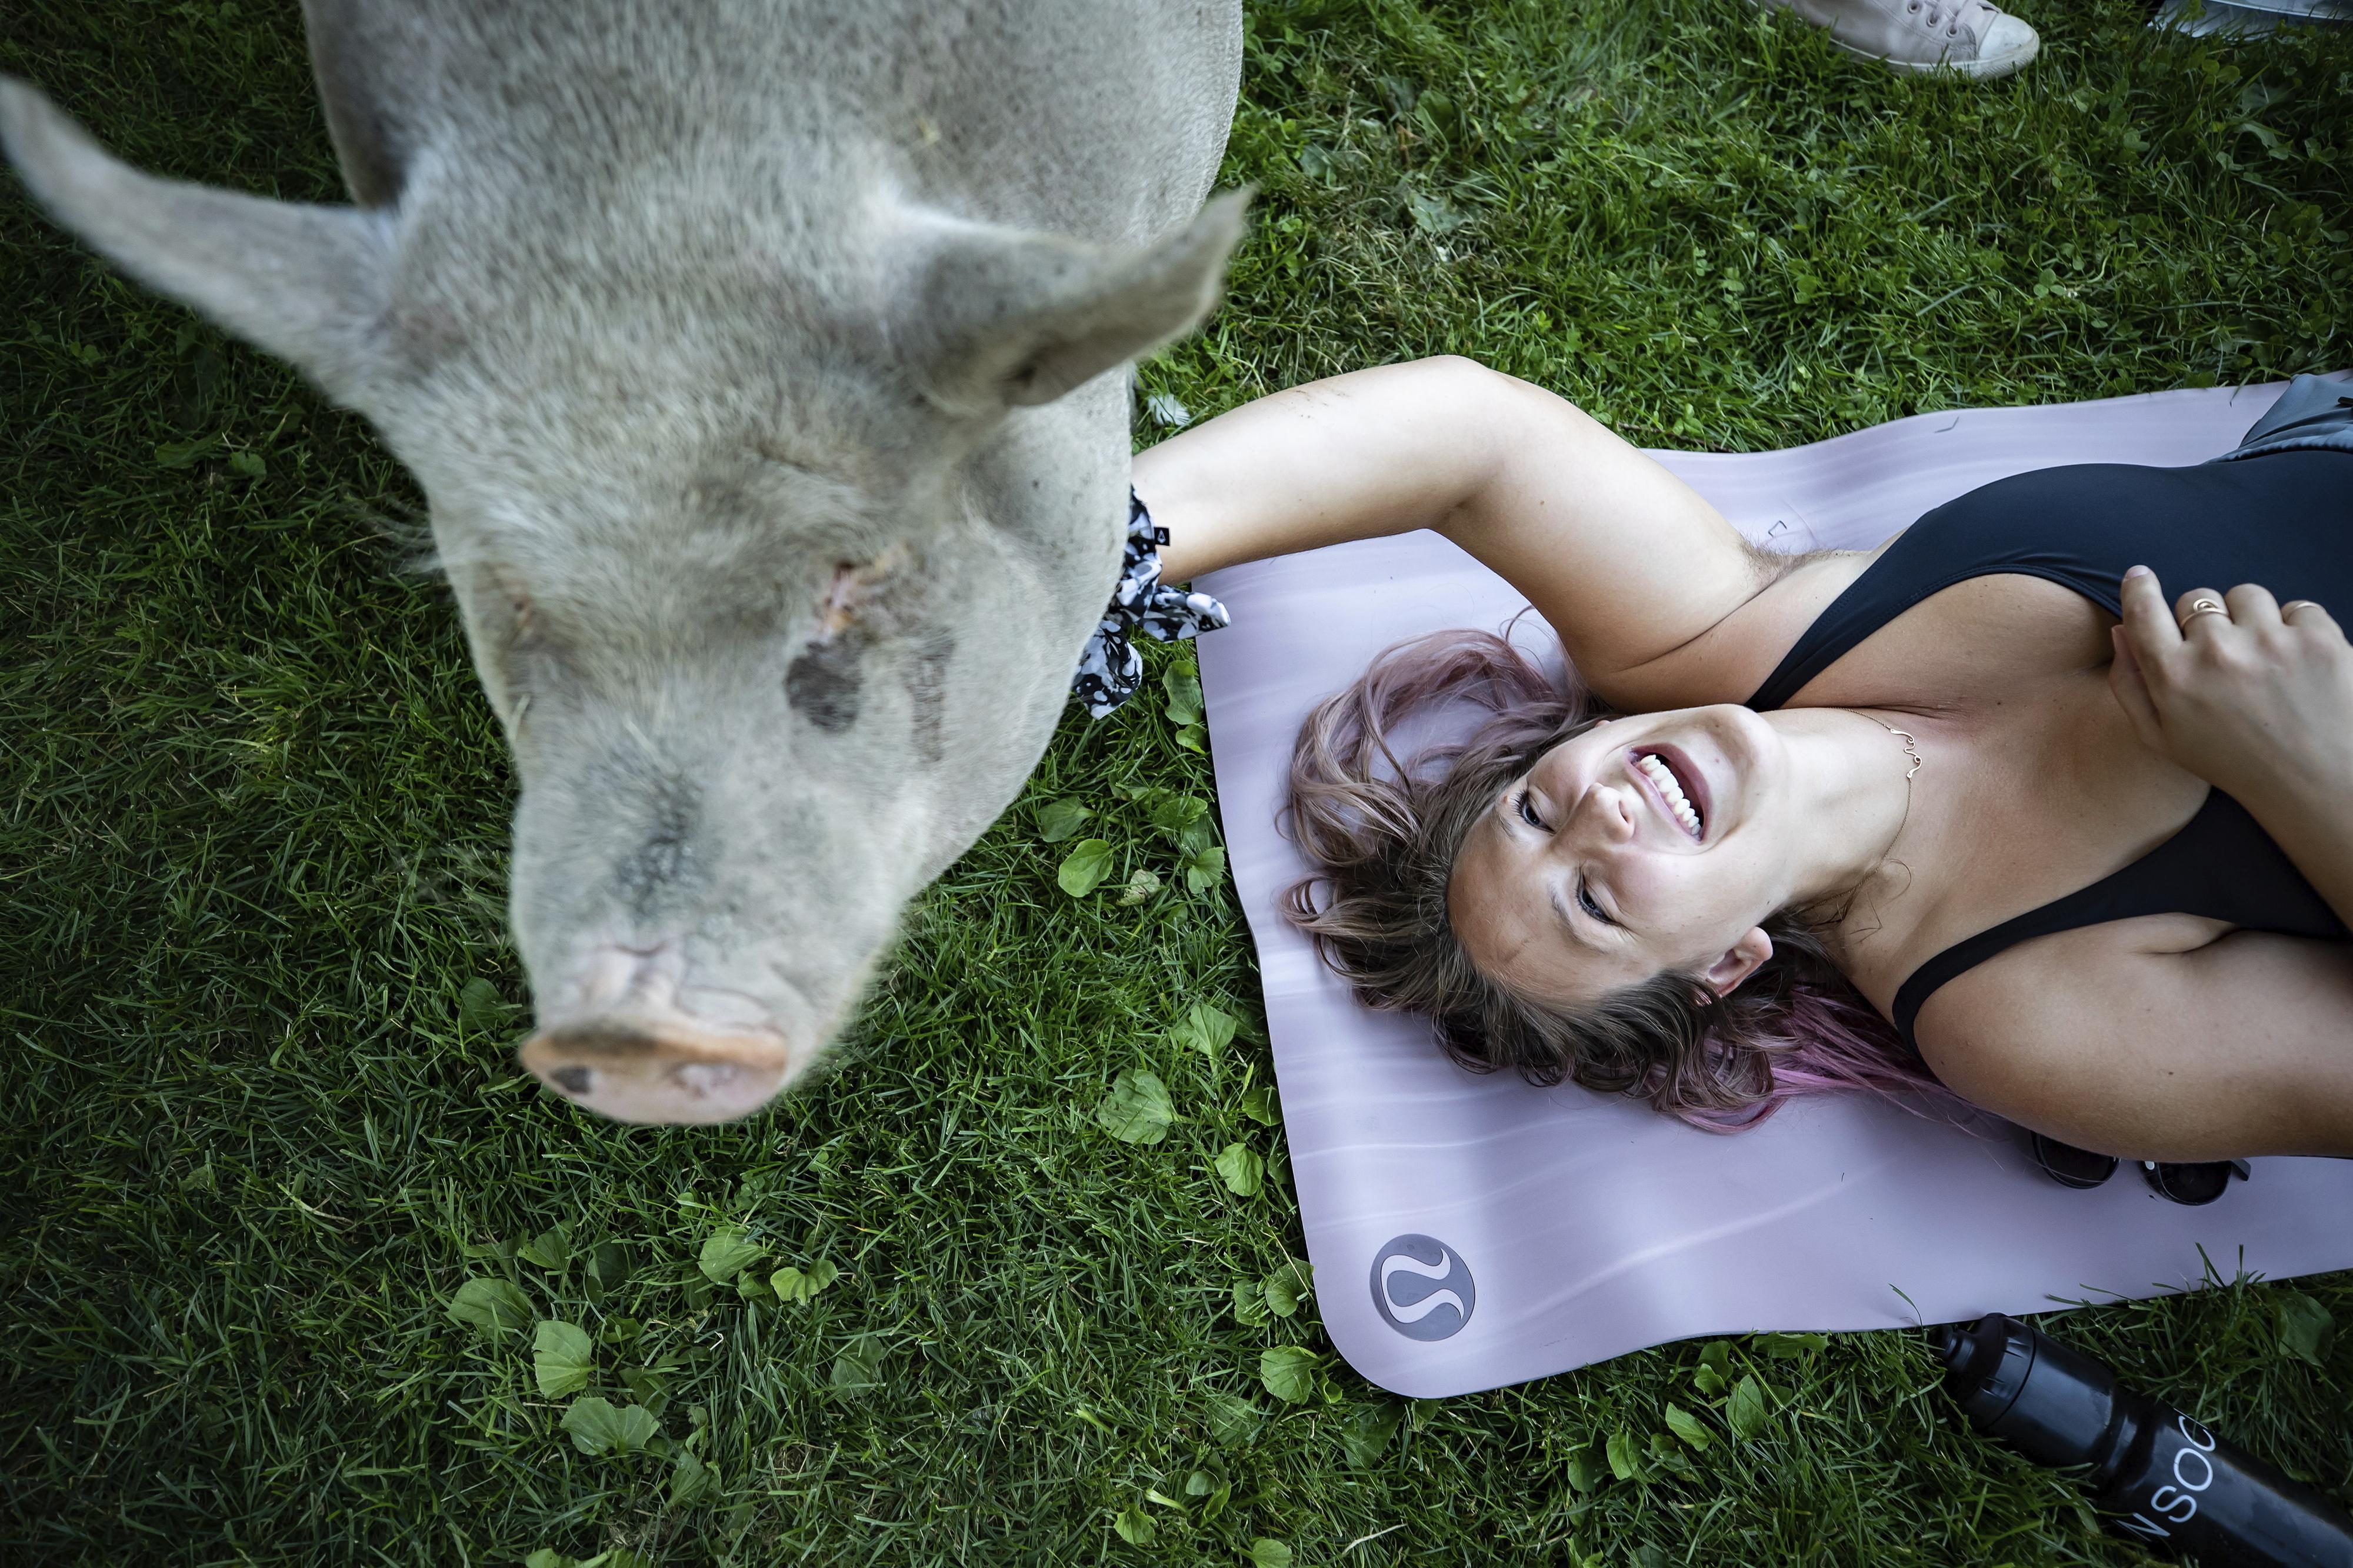 Ziegen-Yoga ist so 2019, heuer sind die Schweine dran